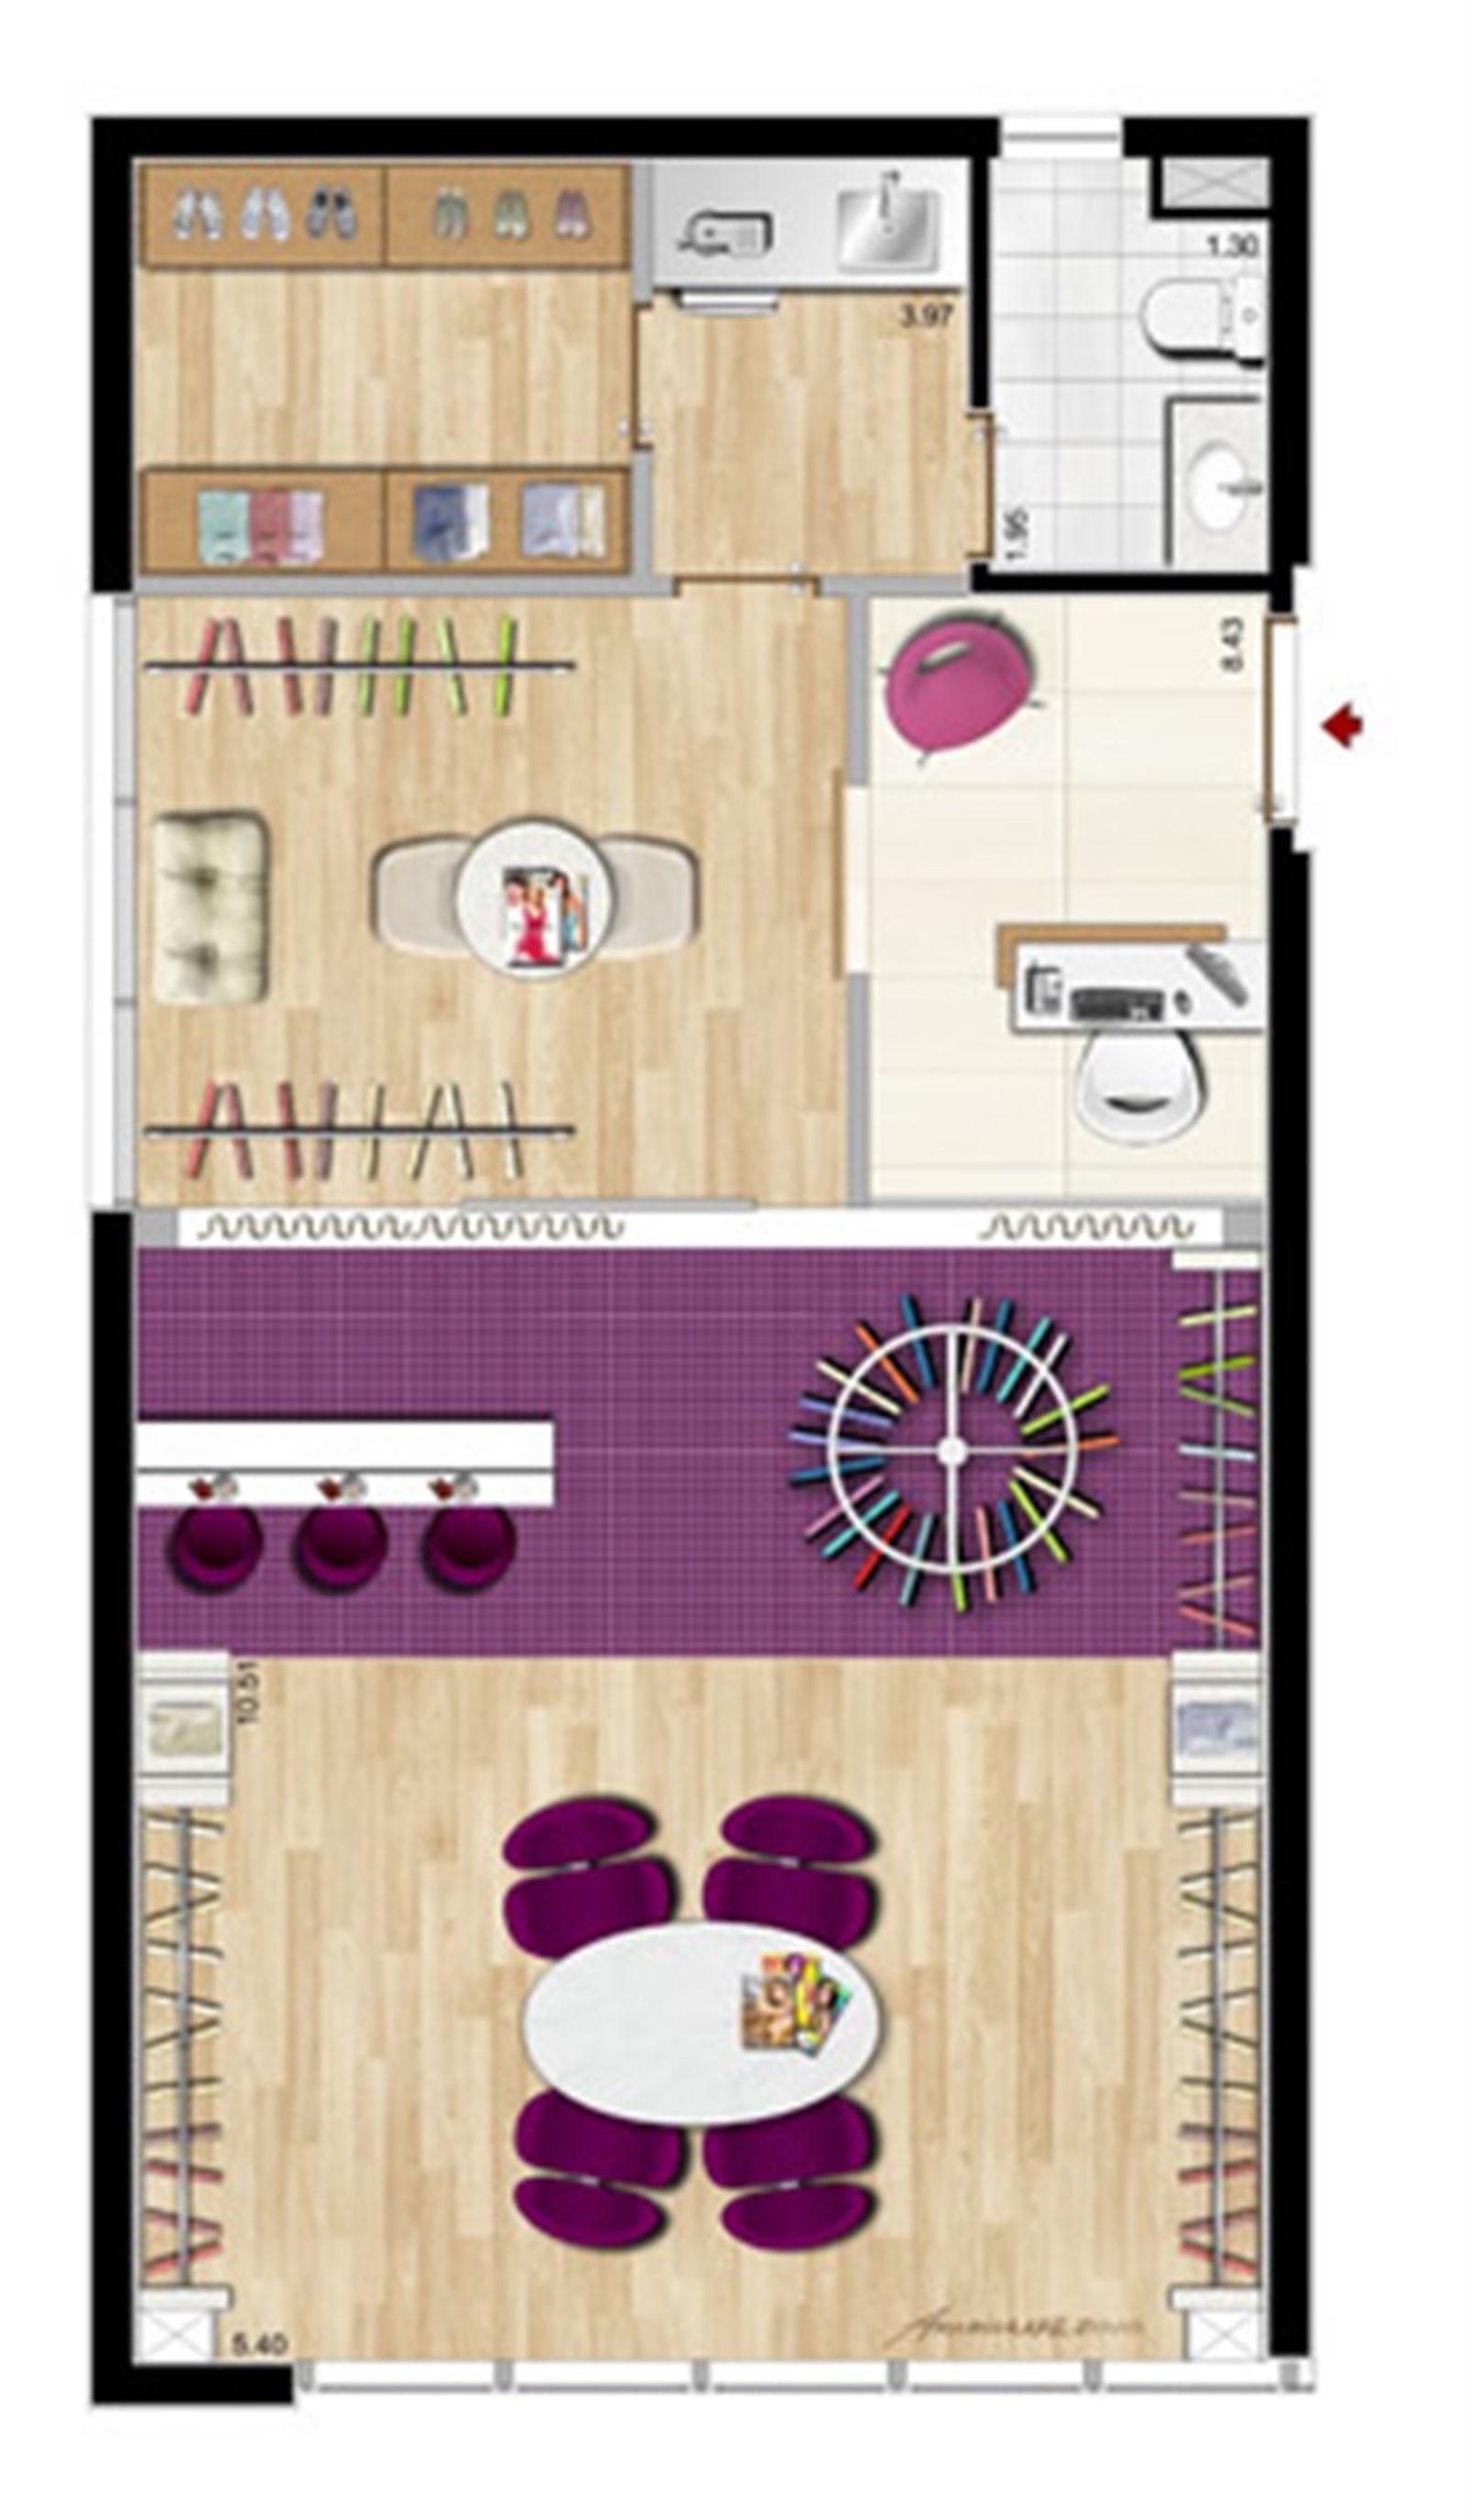 Modelo Ateliê de Moda - 64 m² privativos | Aschneider Absolut Business – Salas Comerciaisno  Higienópolis - Porto Alegre - Rio Grande do Sul